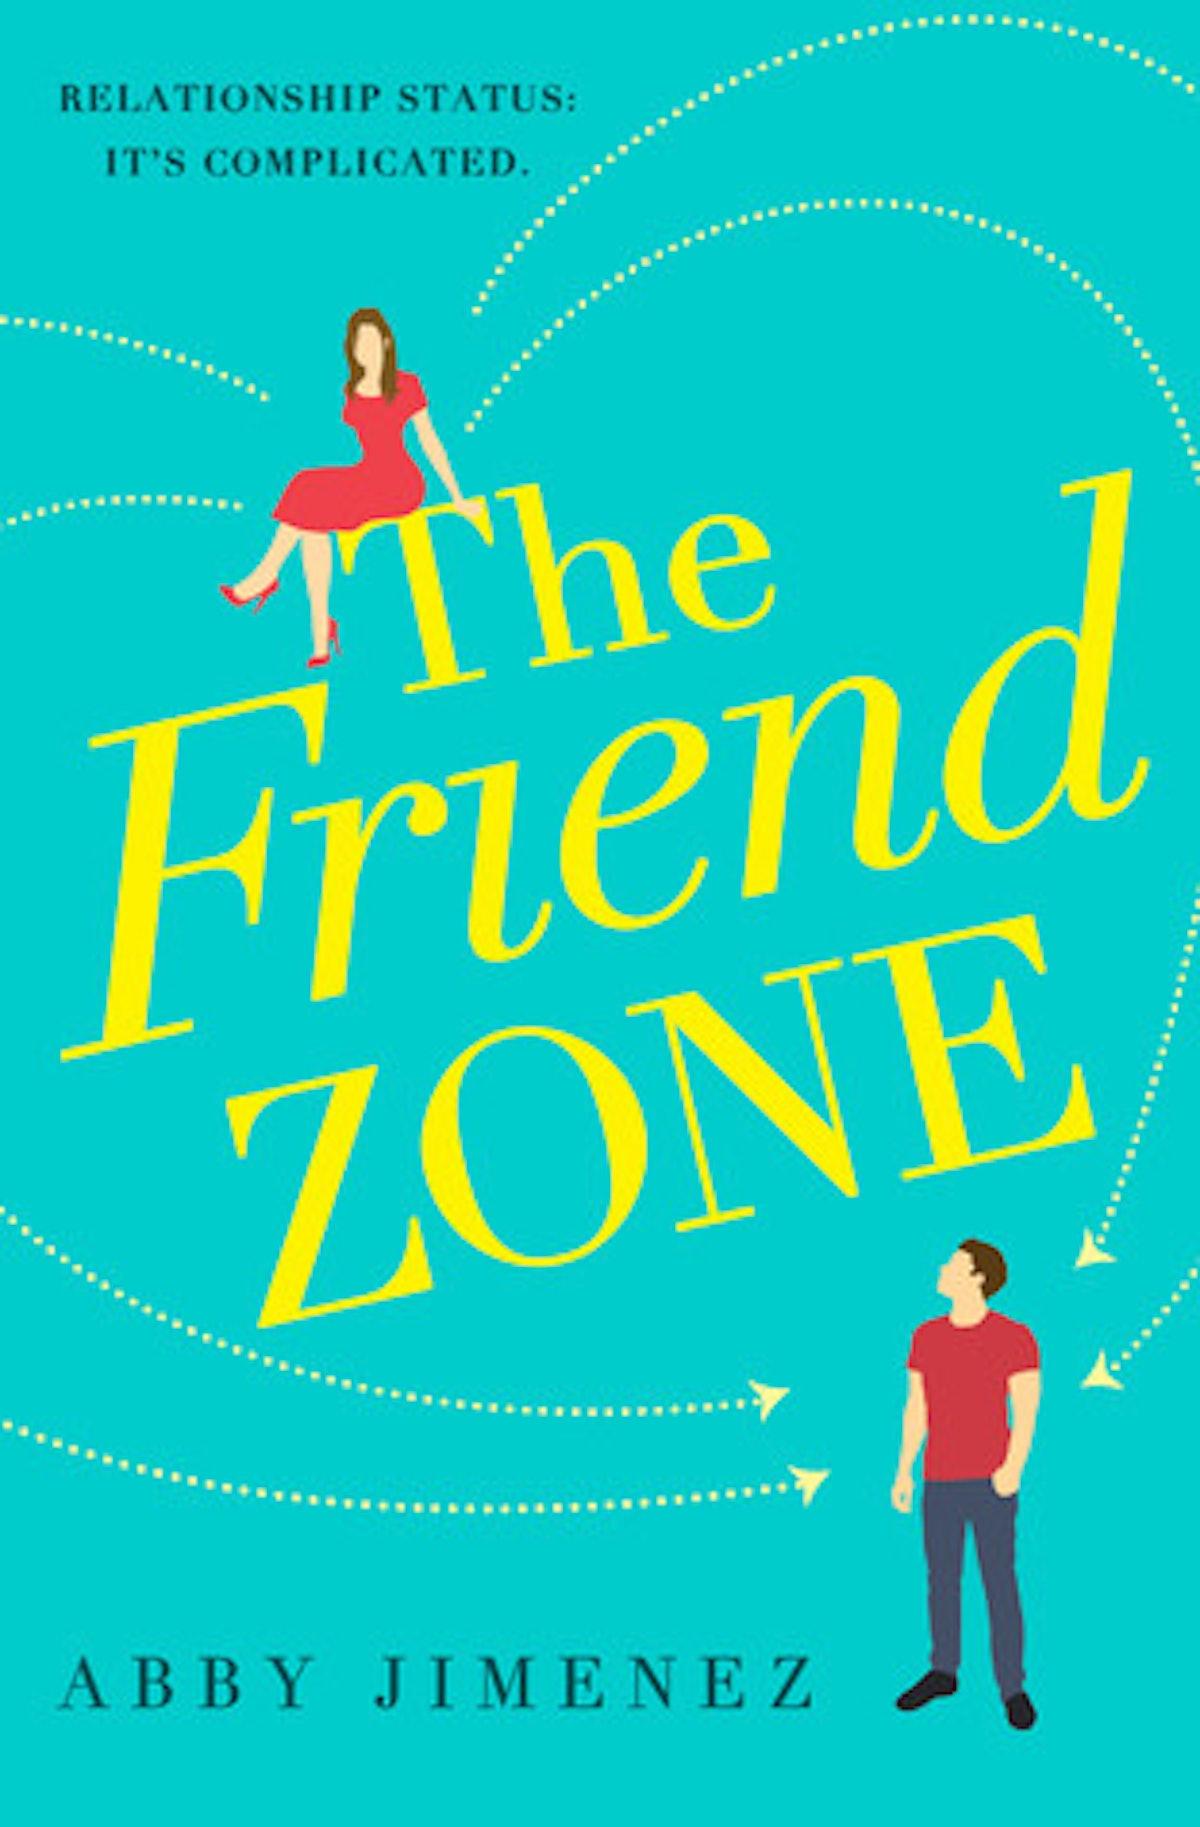 'The Friend Zone' by Abby Jimenez